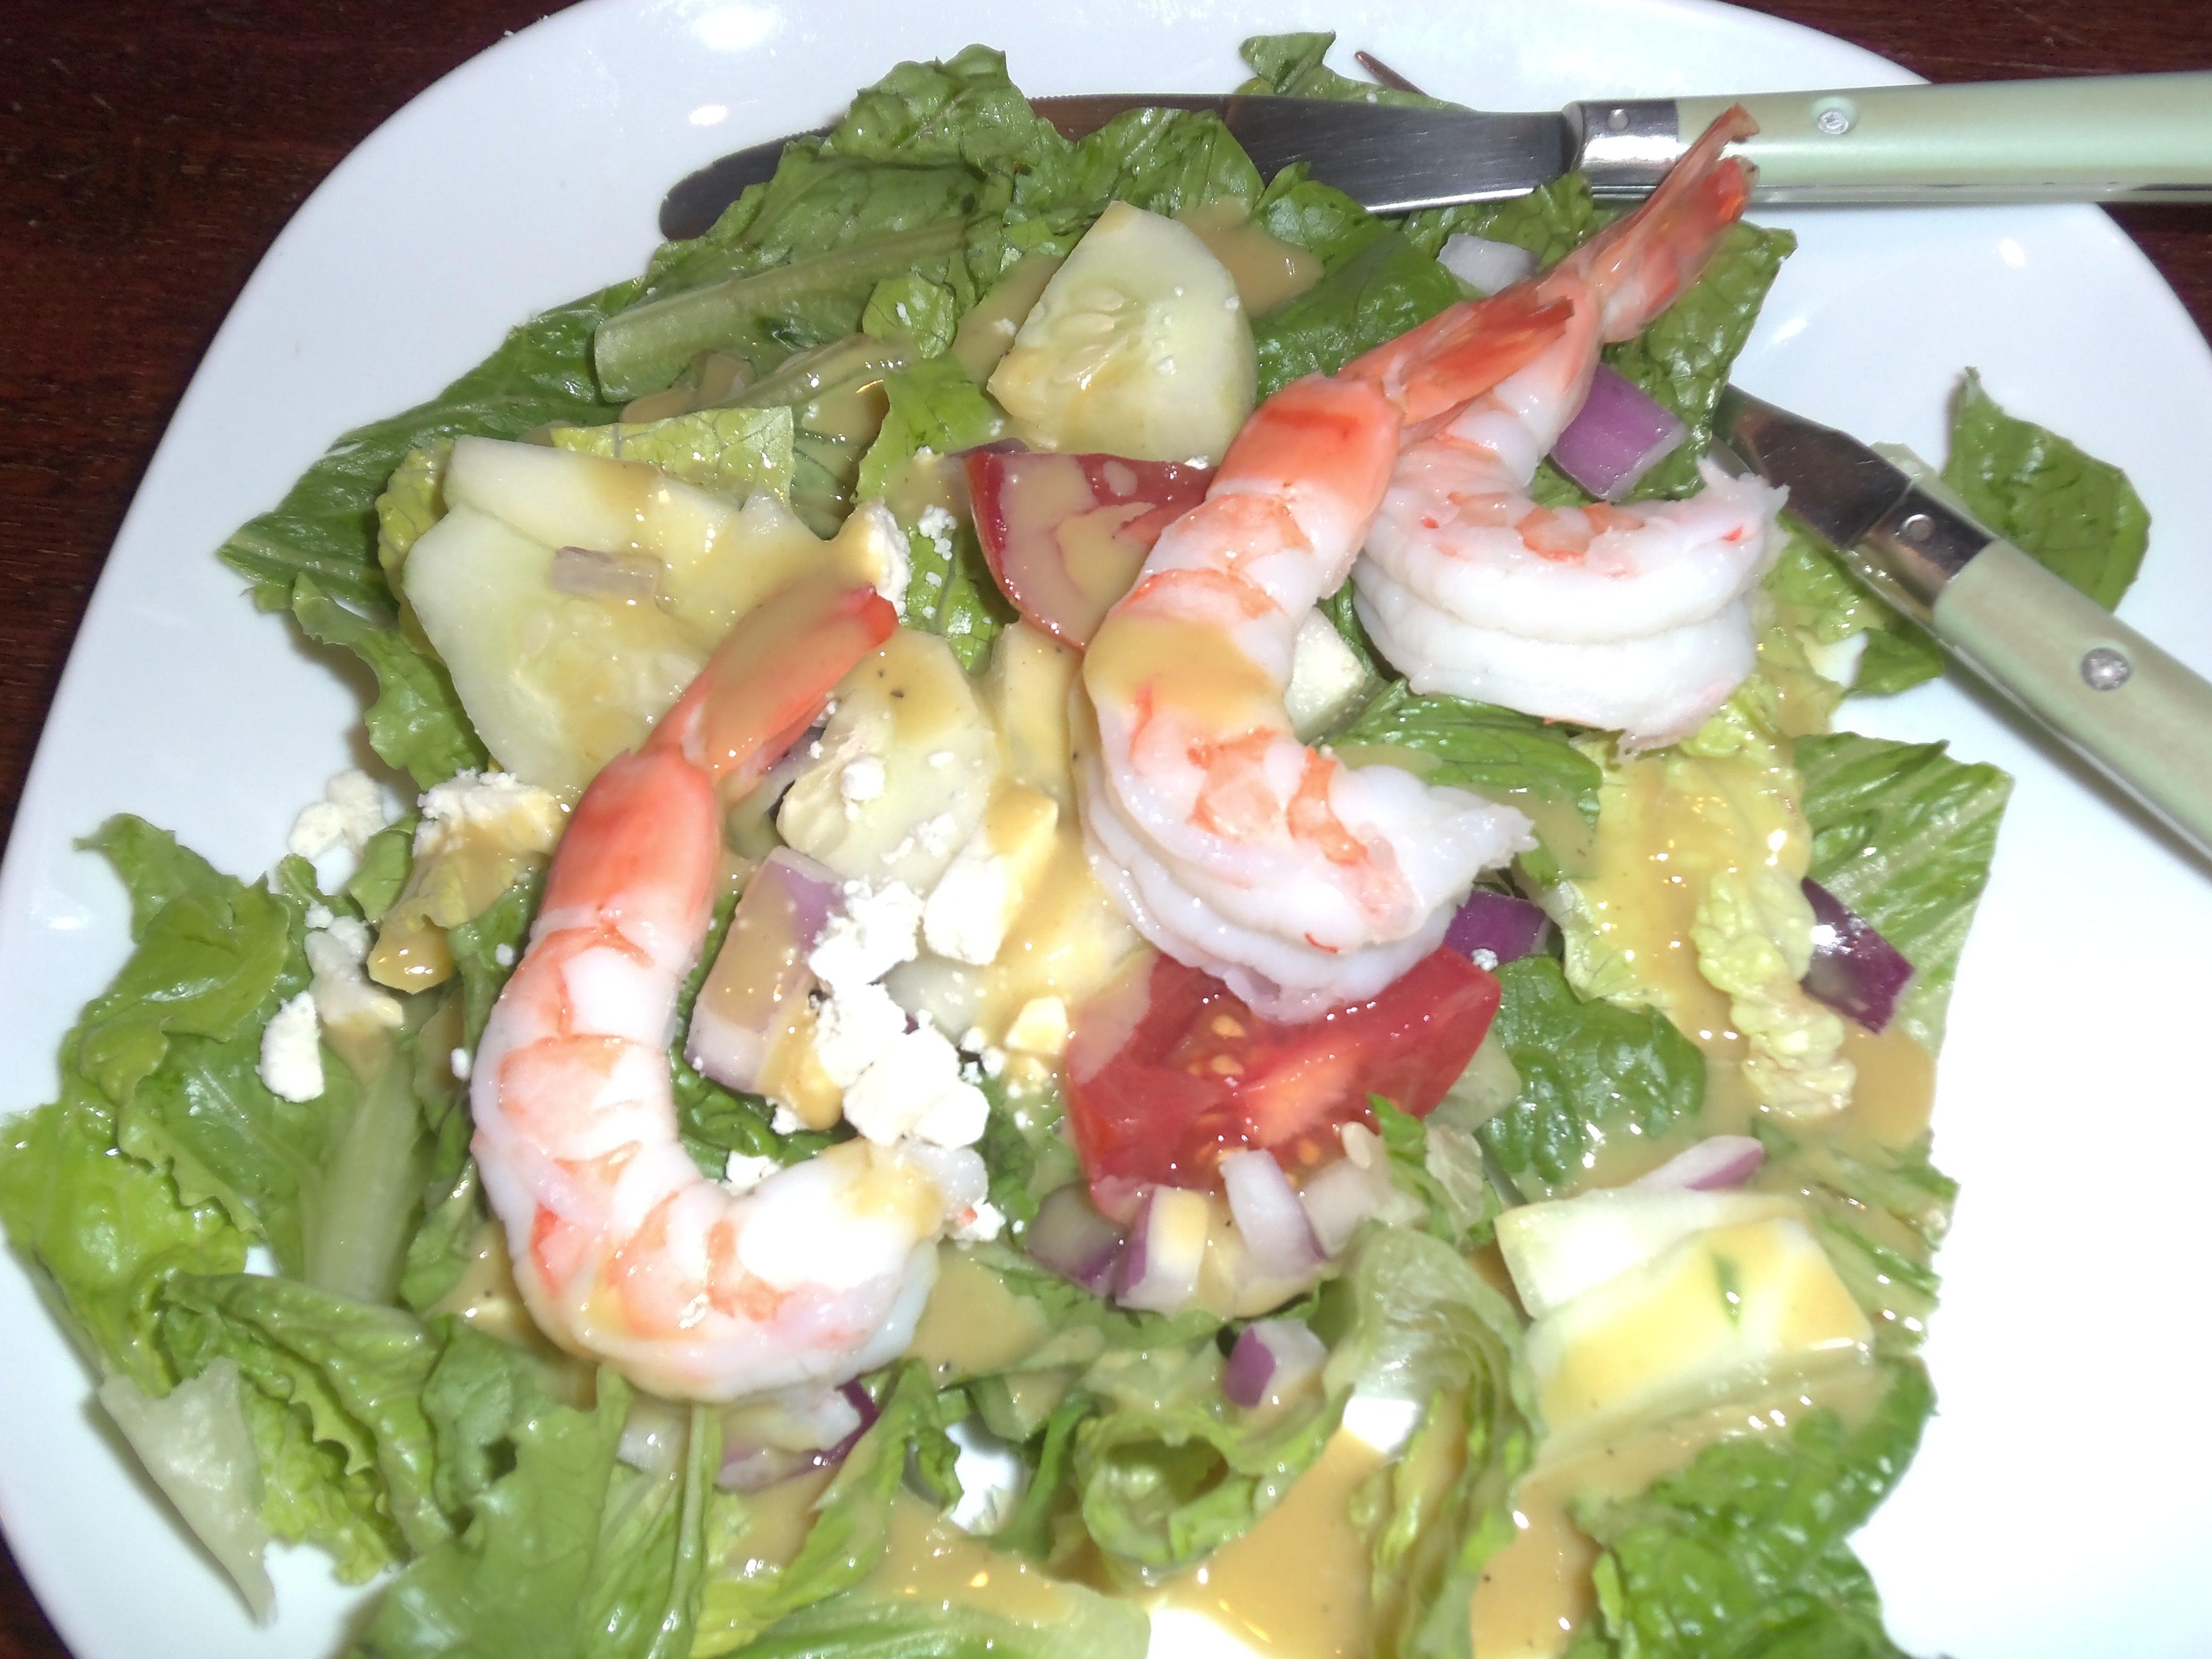 Shrimp Salad Dressing  Shrimp Salad with Omega 3 Honey Mustard Dressing